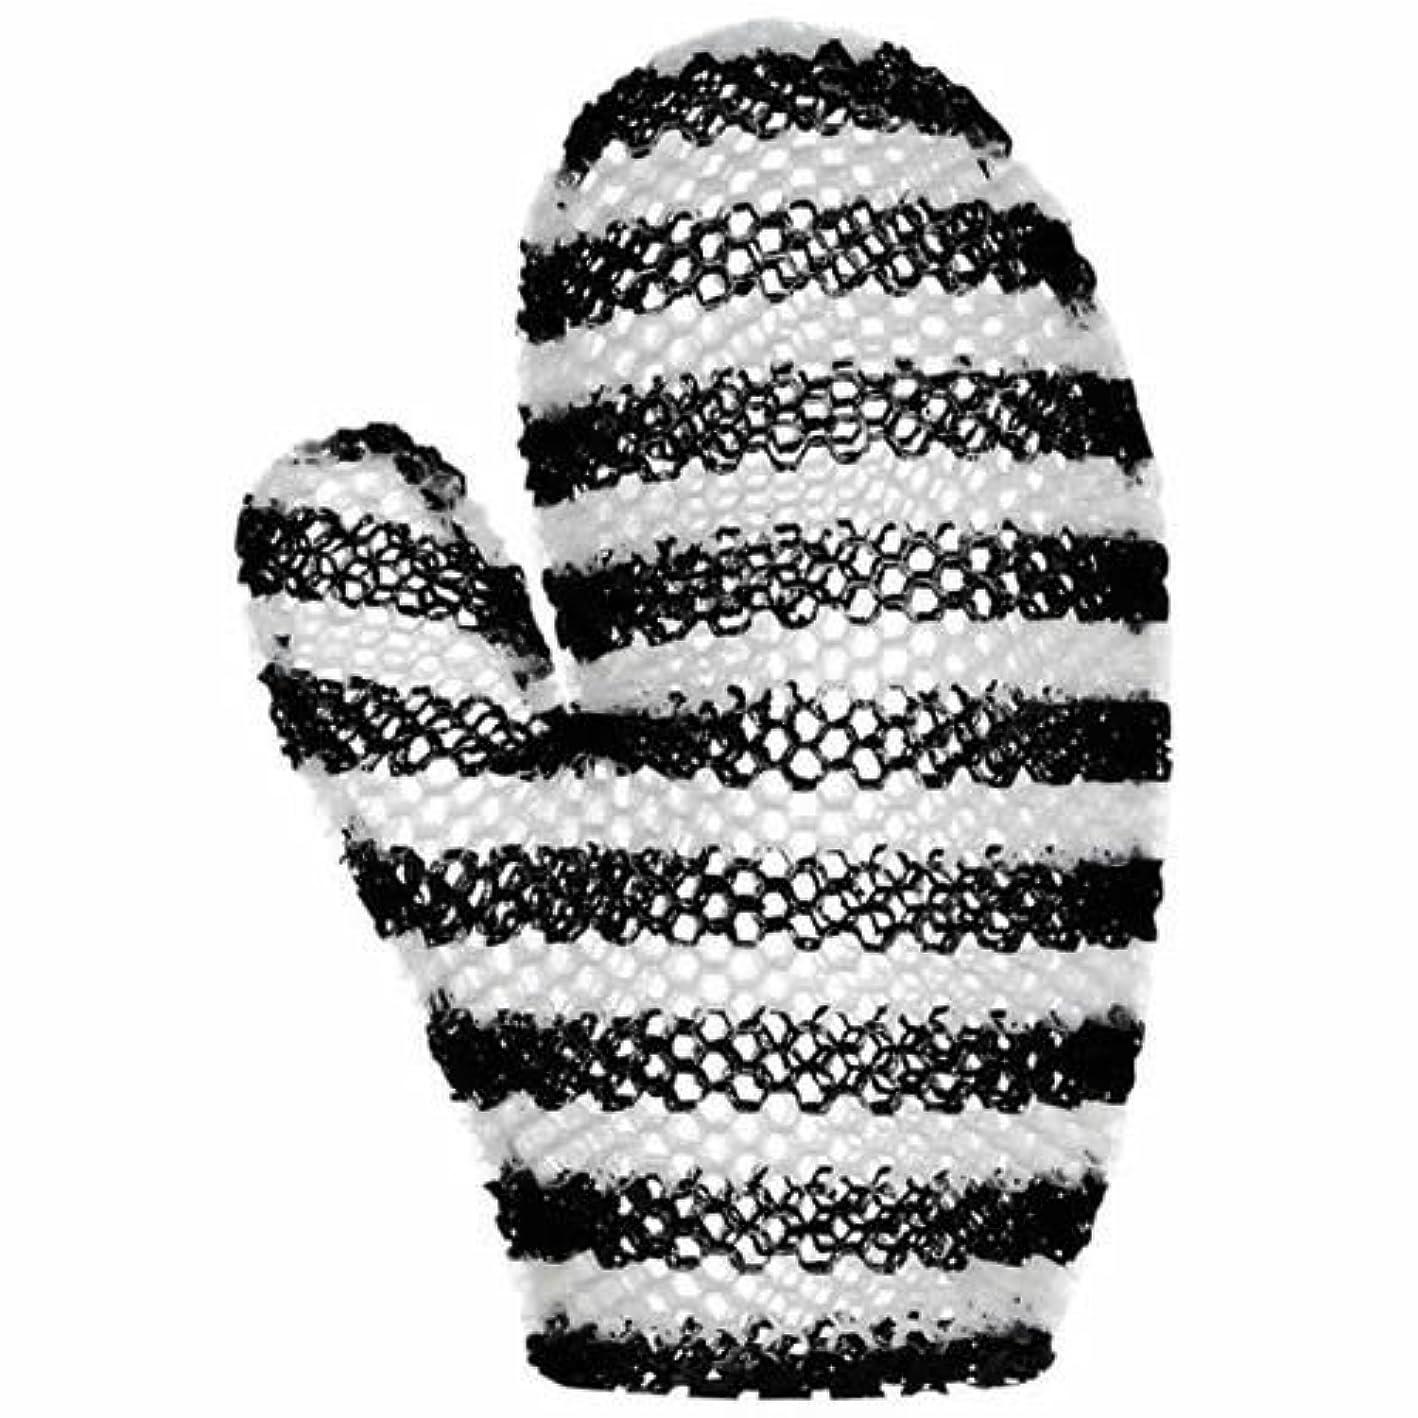 エンドテーブルブラウズ裸スプラコール ハニカム(ミット) ブラック&ホワイト